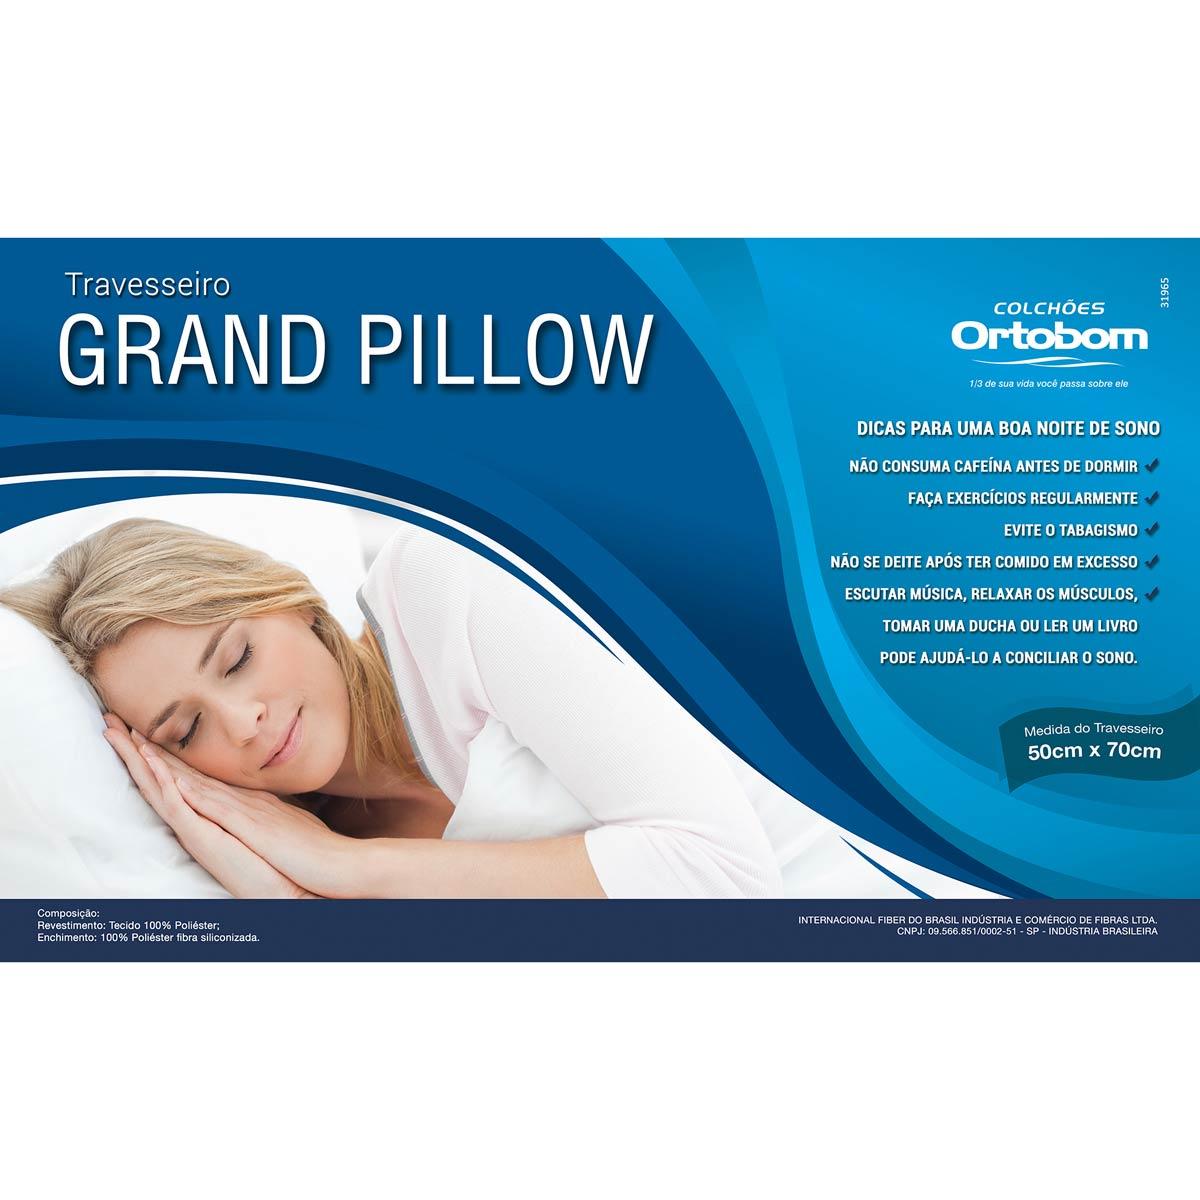 Travesseiro Grand Pilow 100% poliéster 70cm x 50cm - Ortobom